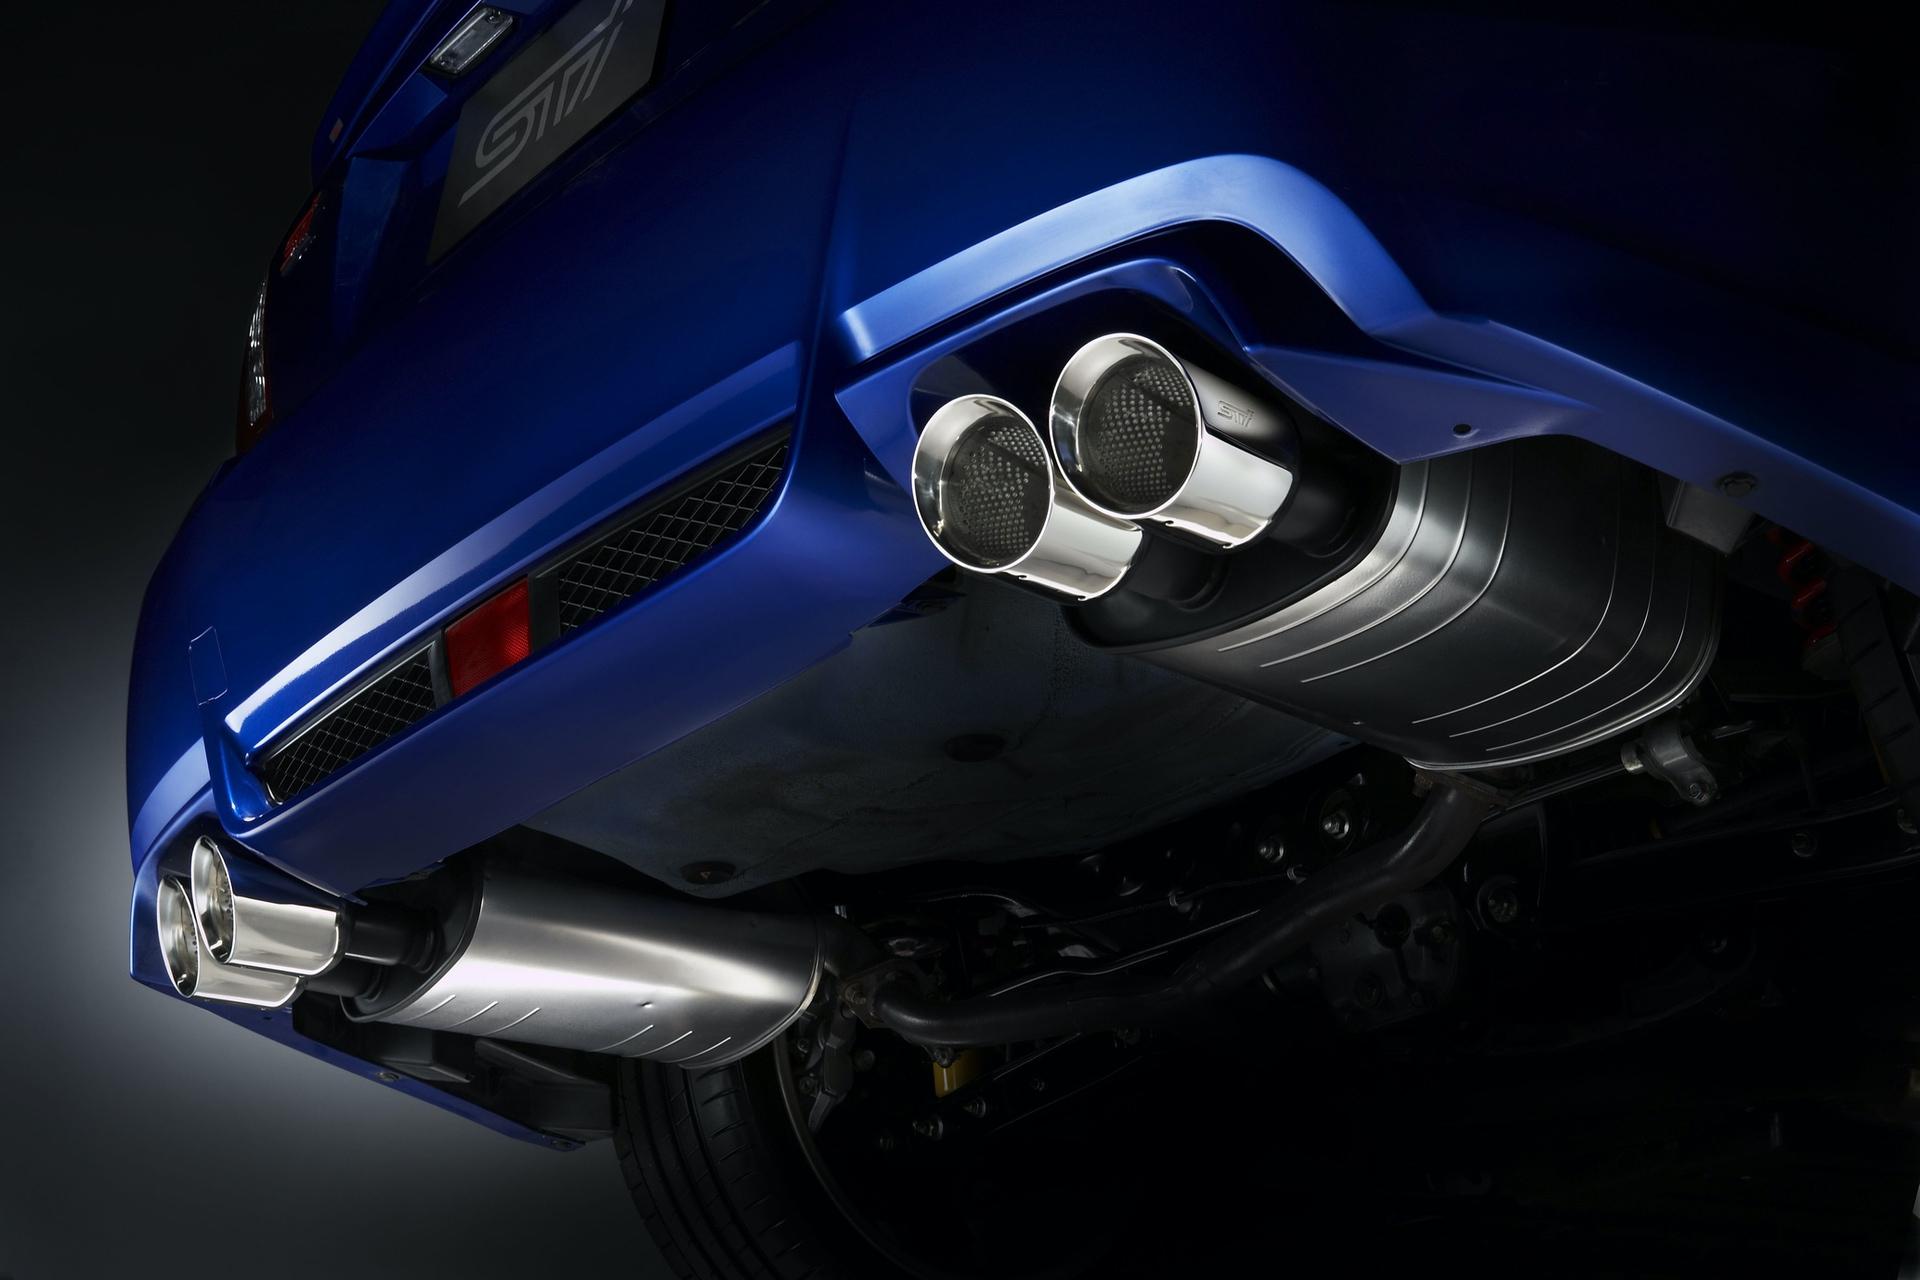 Subaru_Impreza_STI_S206_0014